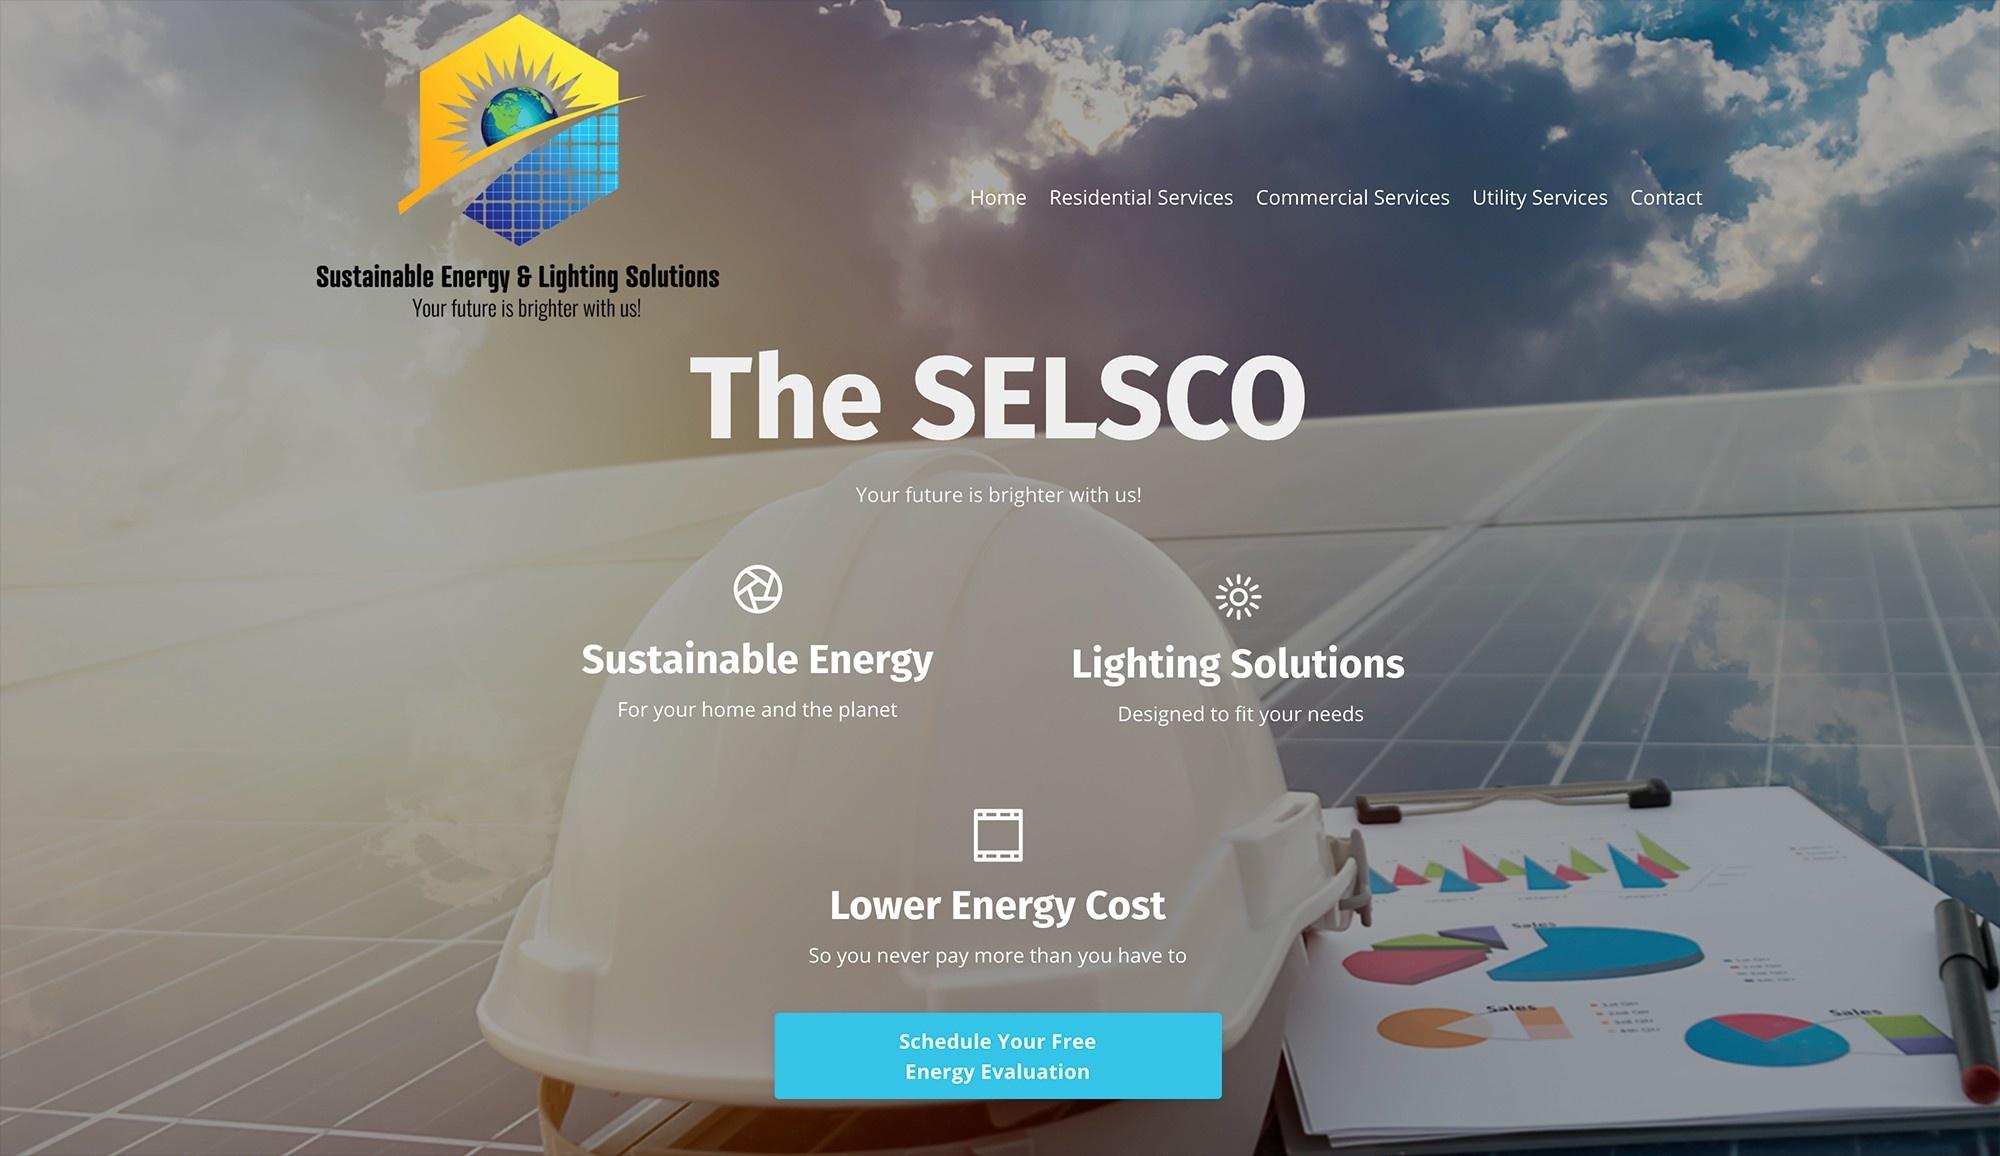 The SELSCO - Built on Kajabi